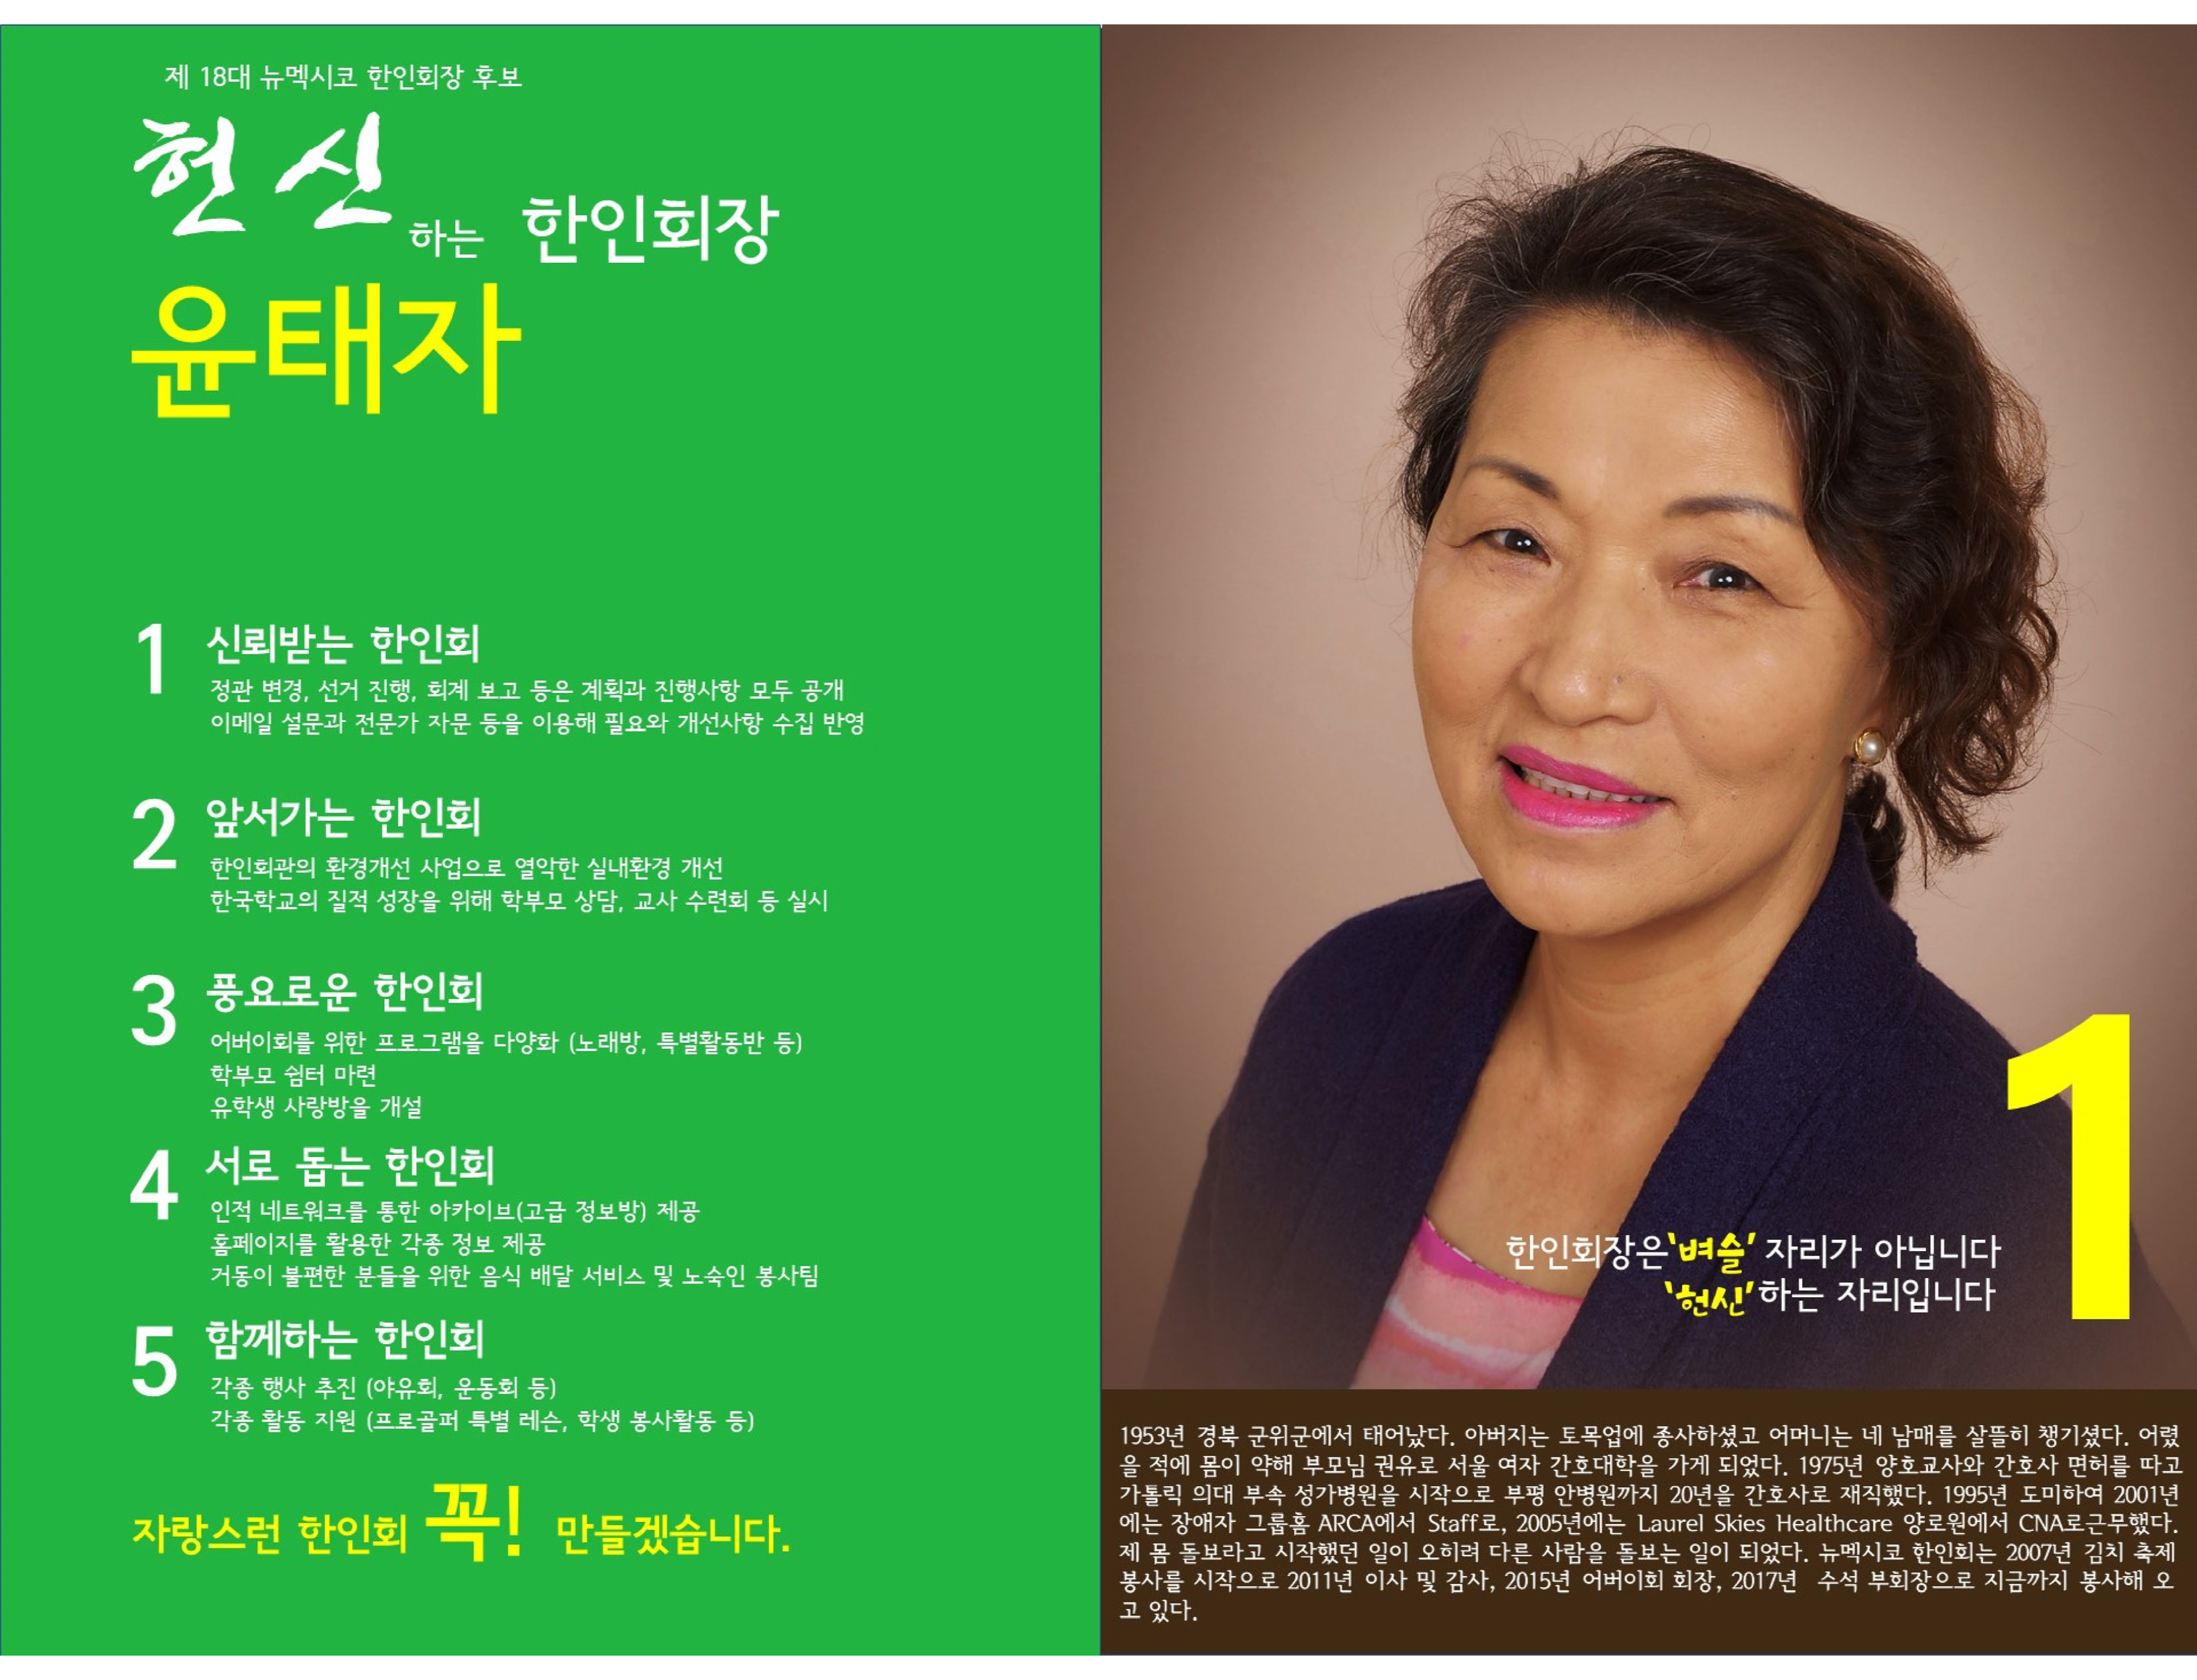 윤태자후보 프로필.png